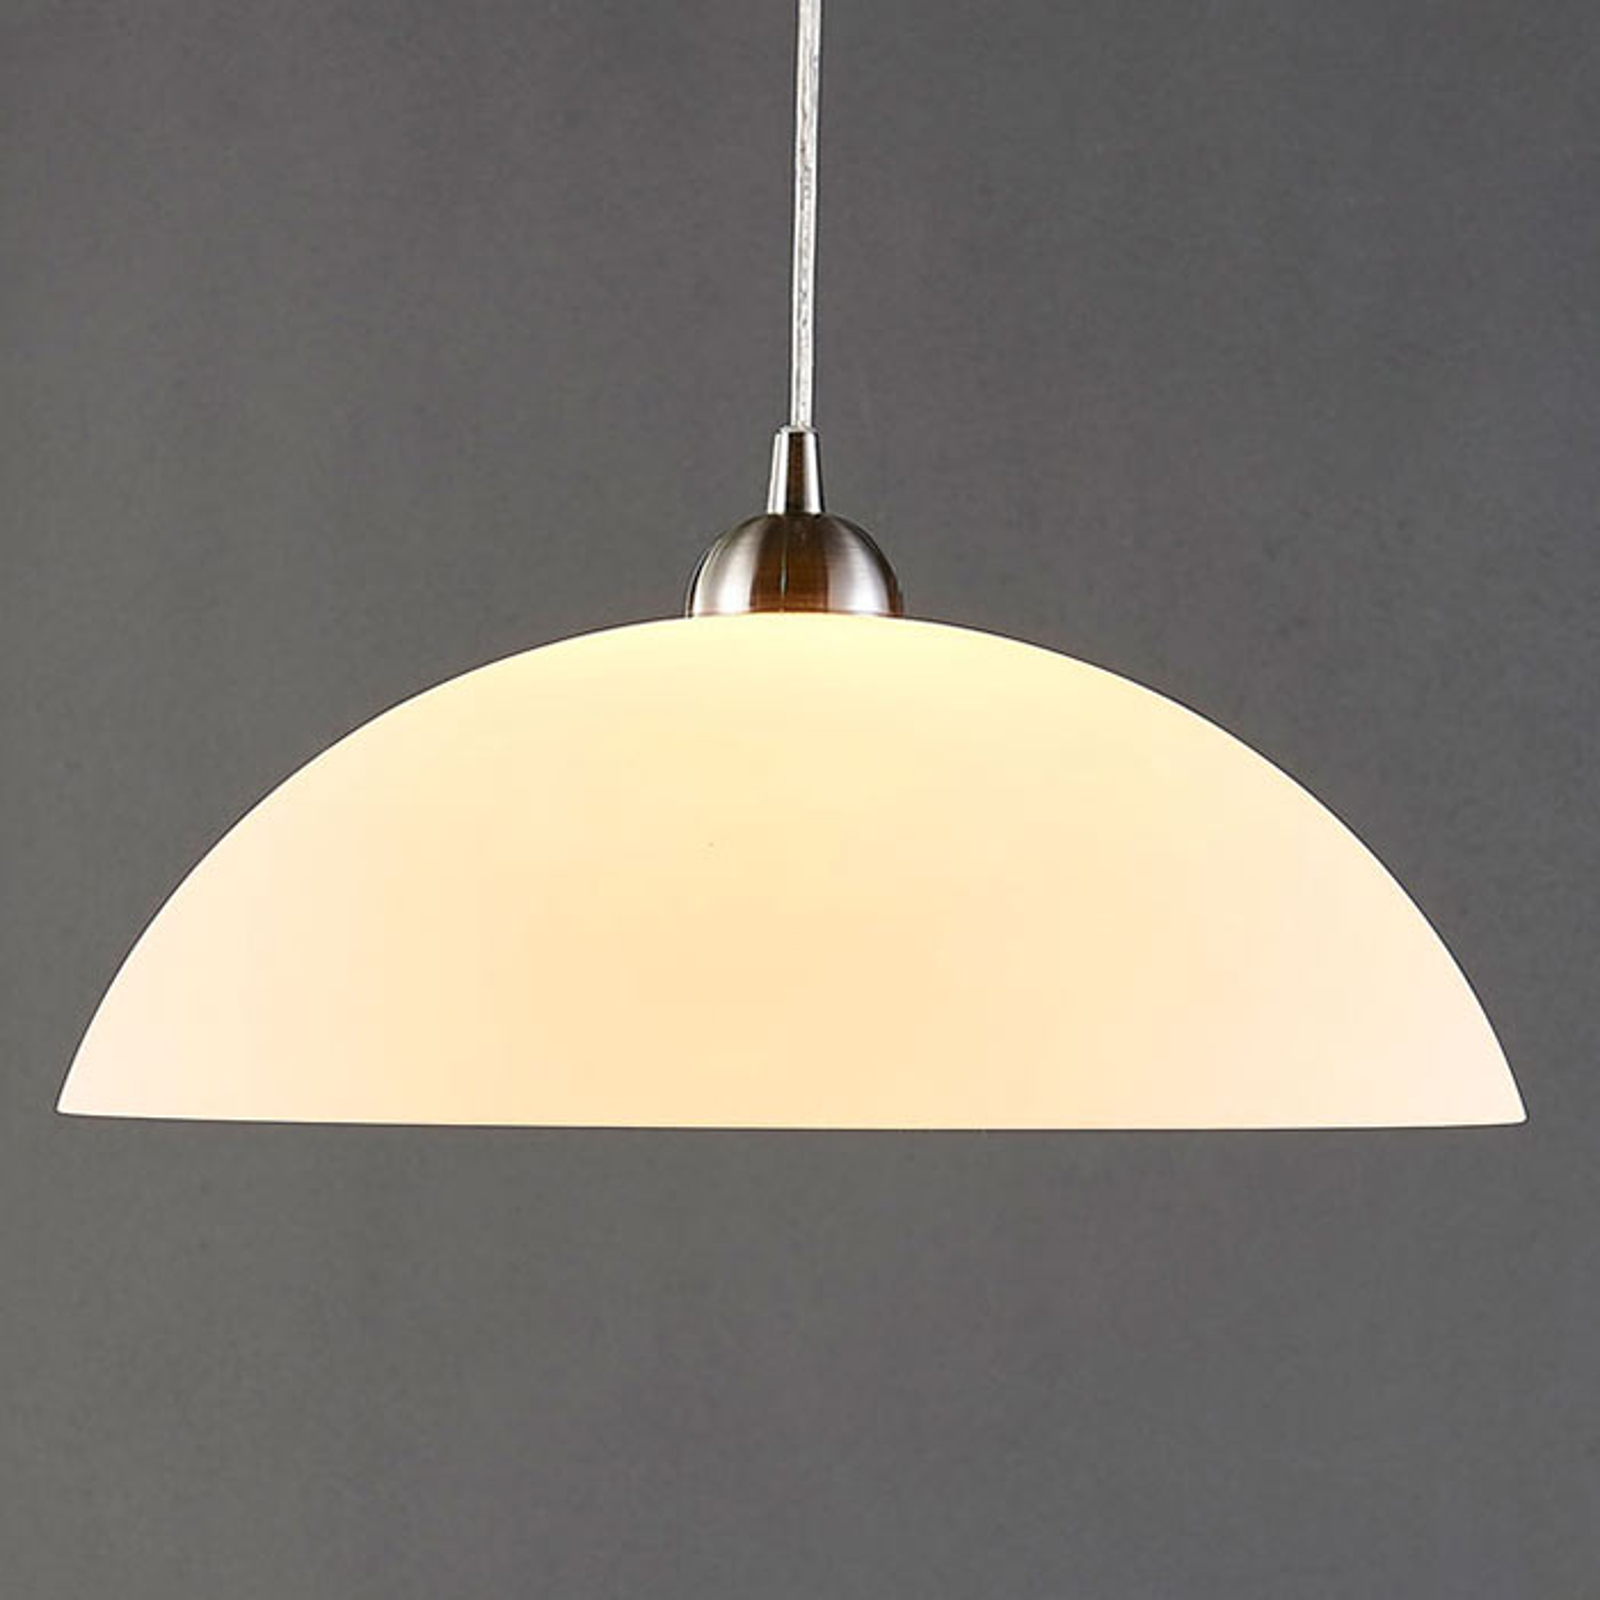 Ronde glazen hanglamp Valeria voor in de keuken